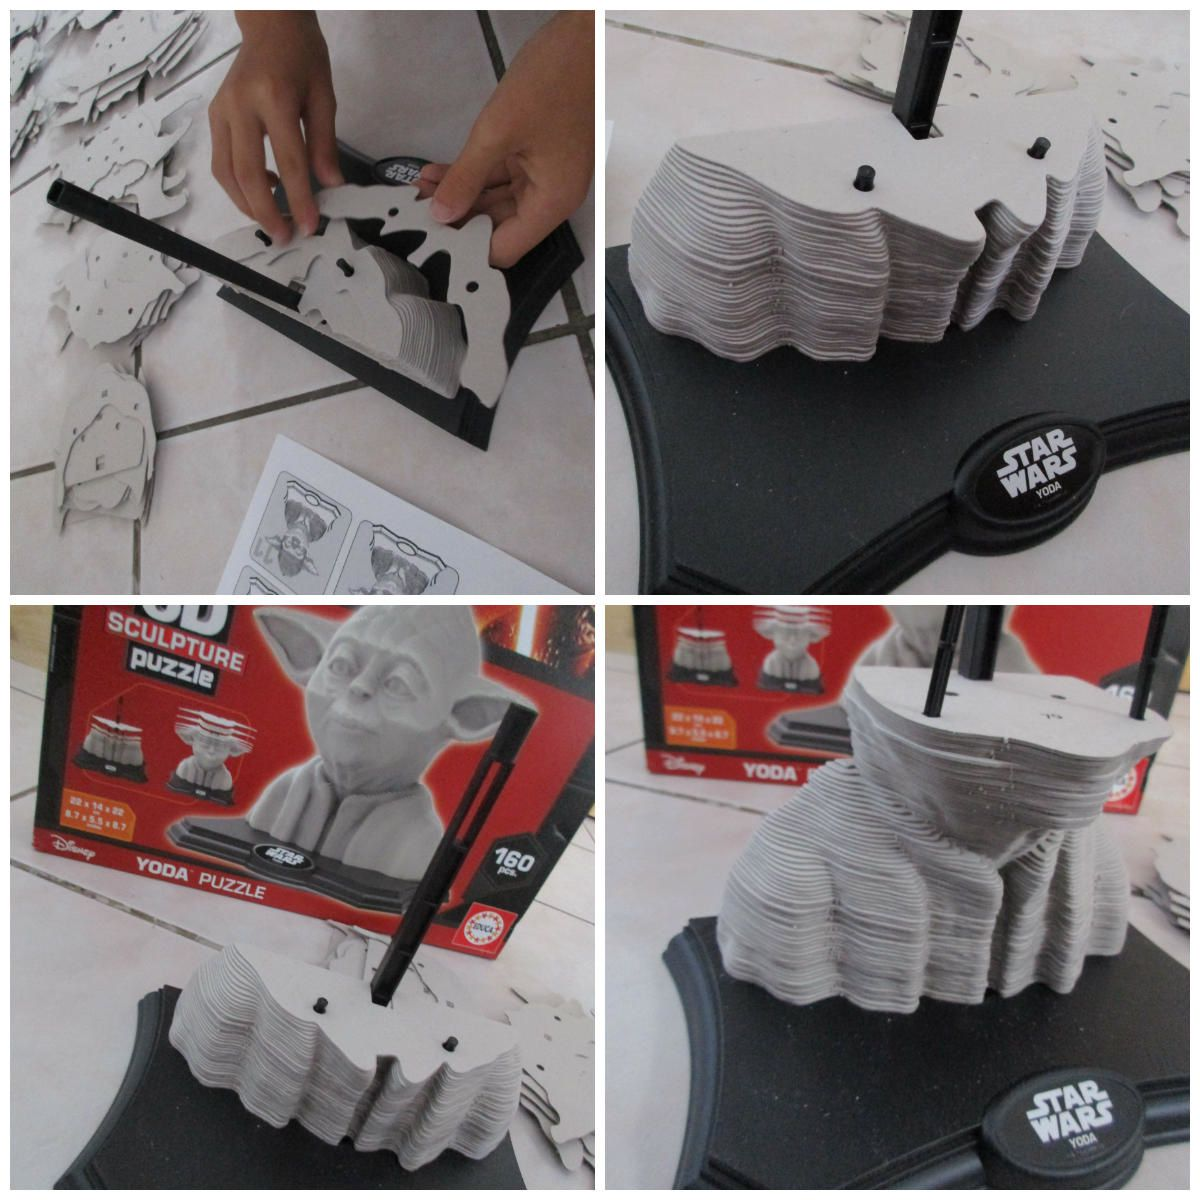 Les Puzzles 3D sculpture de Educa testé par Loulou {#Puzzle3D}{#Educa}{#Puzzle}{#StarWars}